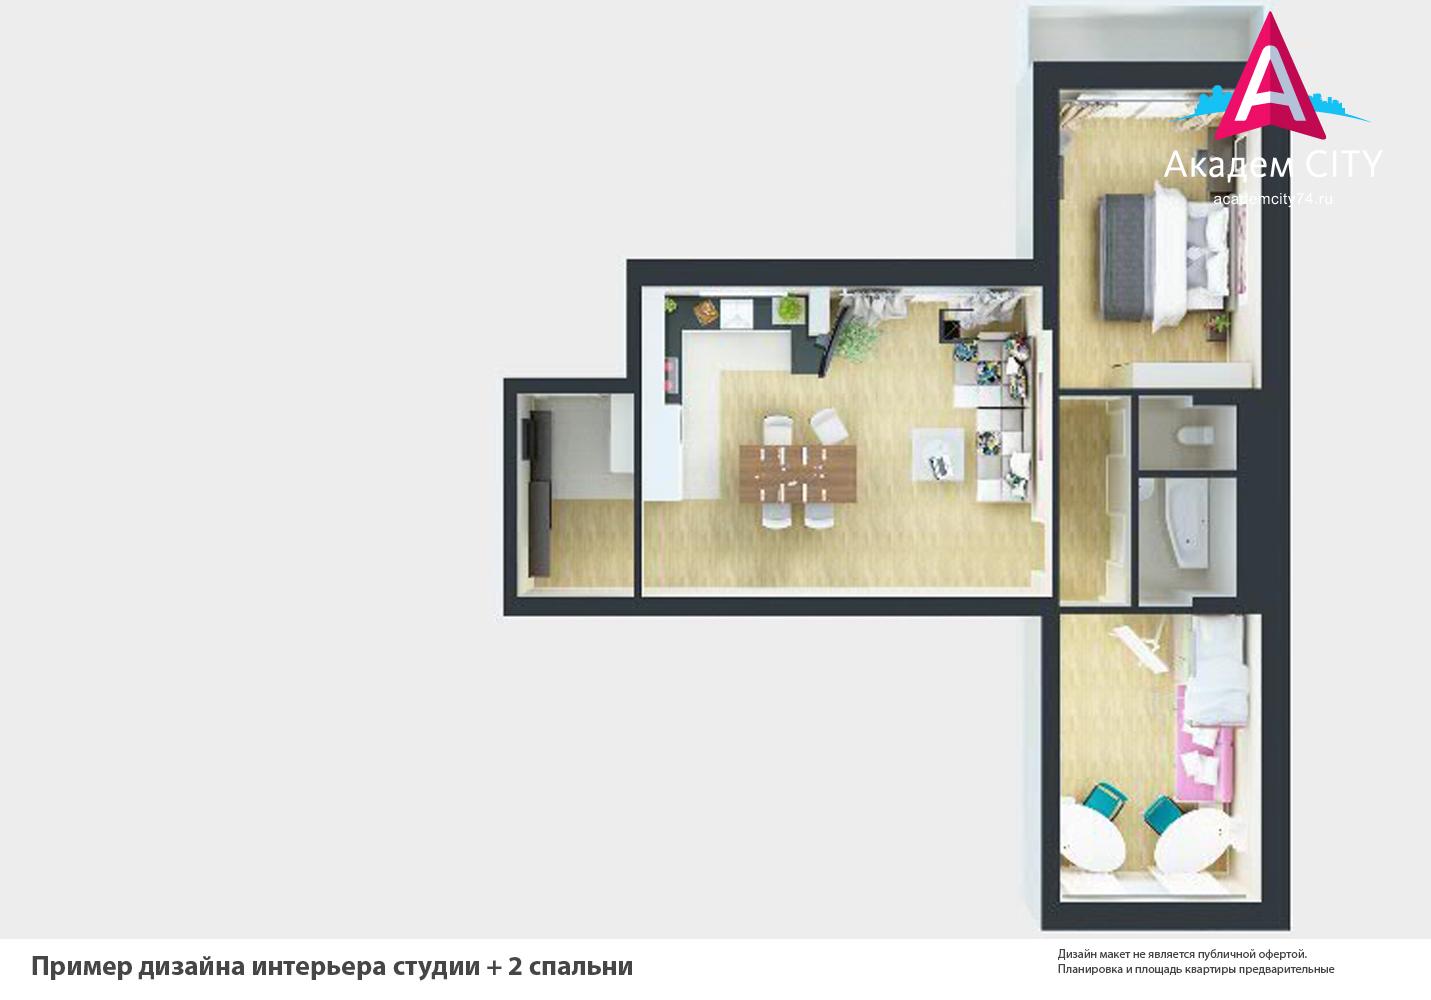 Квартиры академ дизайн